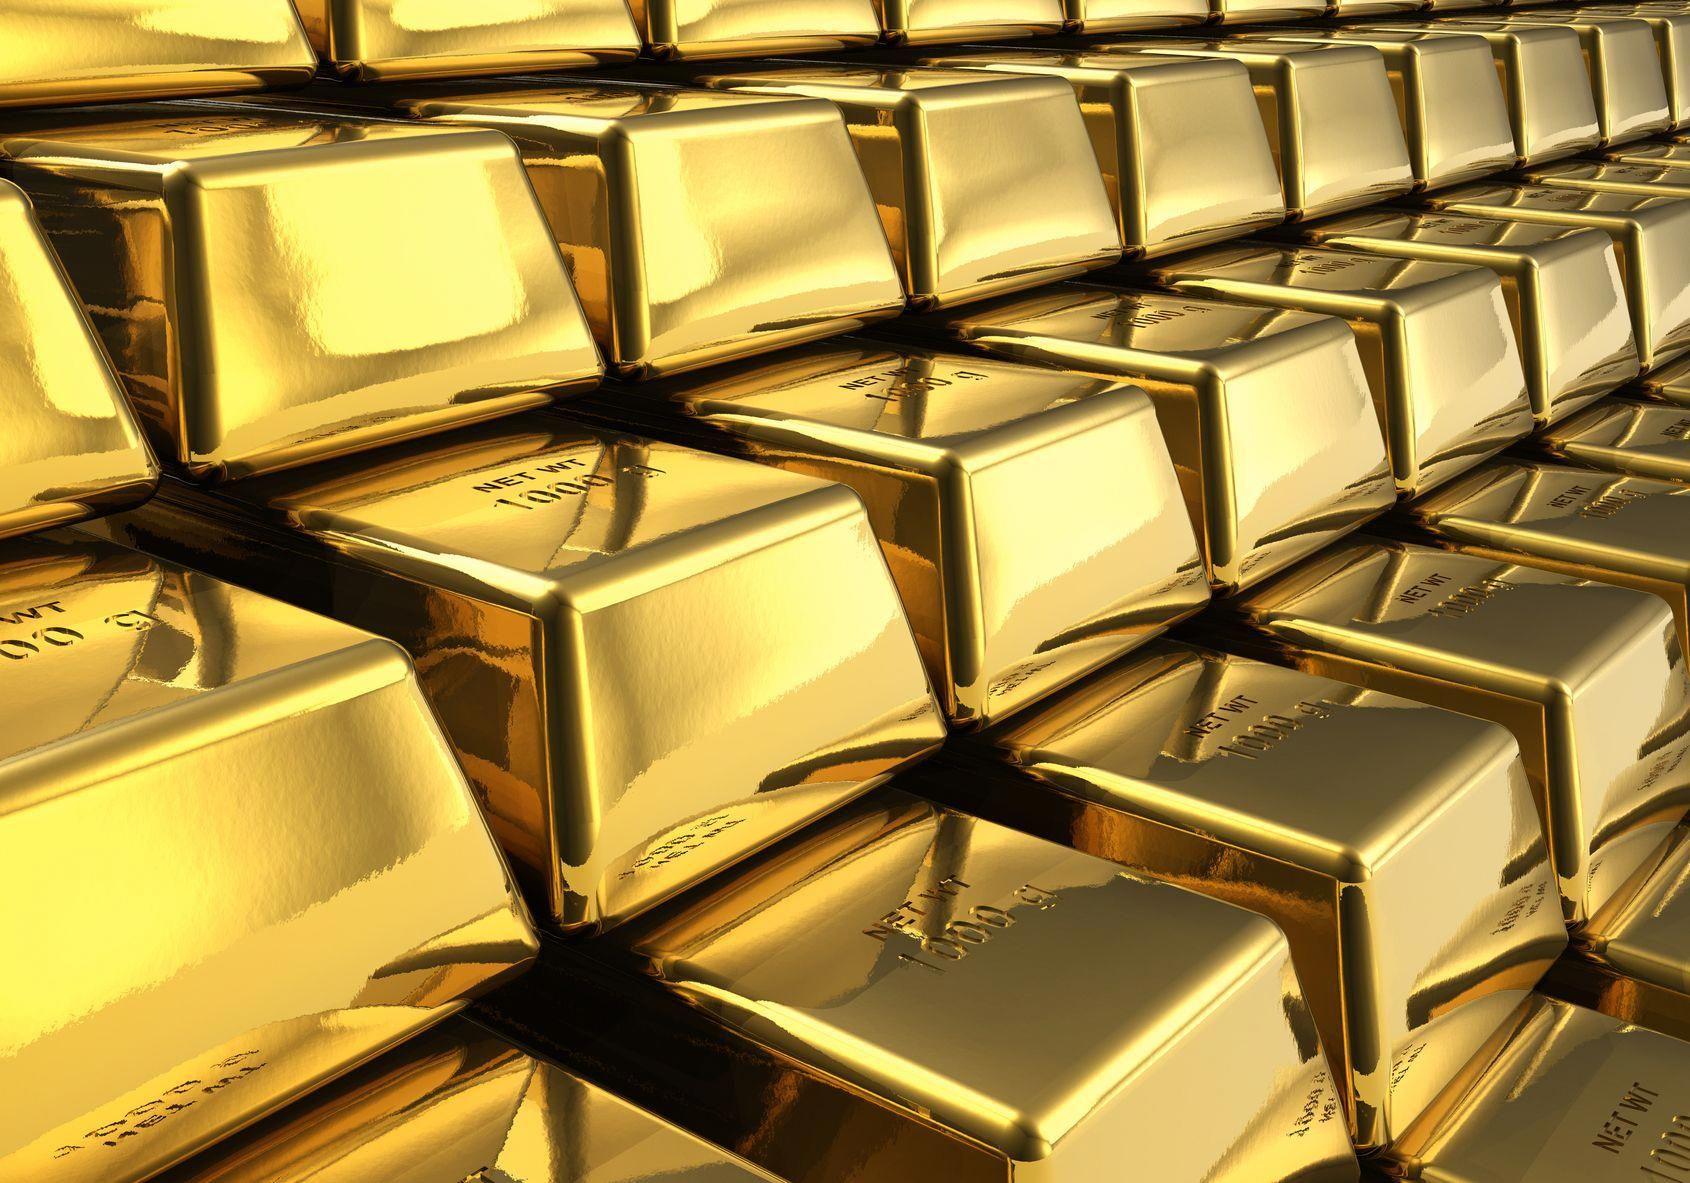 Oro En Lingotes O Monedas Buscar Con Google Goldcoins Lingotes De Oro Oro Monedas